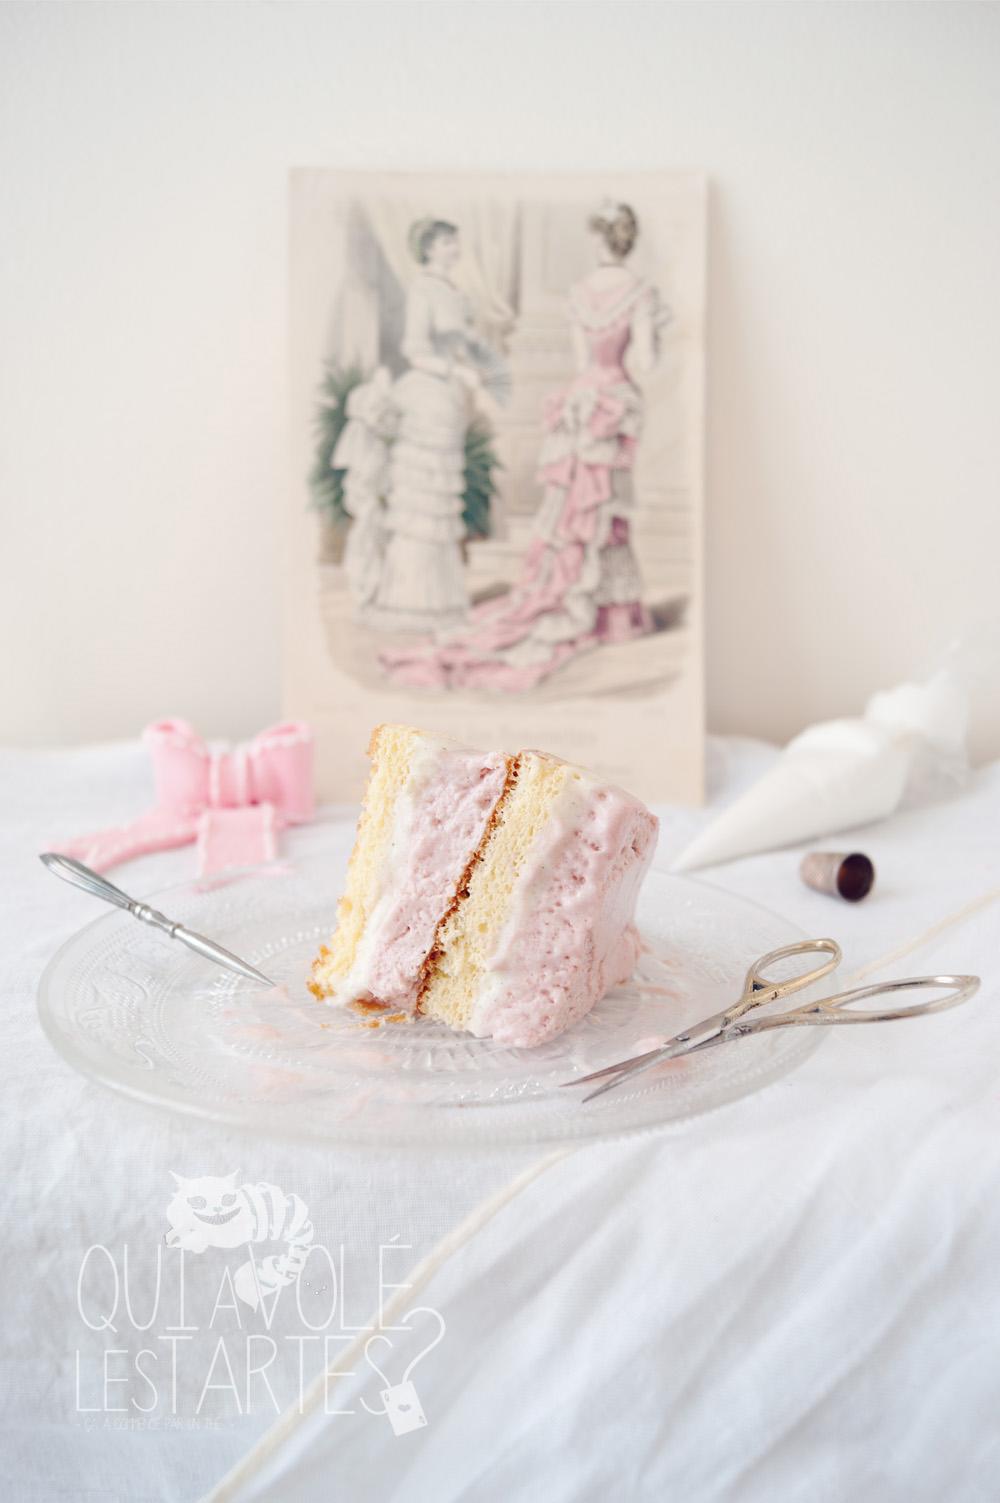 Charlotte couture en layer cake - studio de création - Qui a volé les tartes